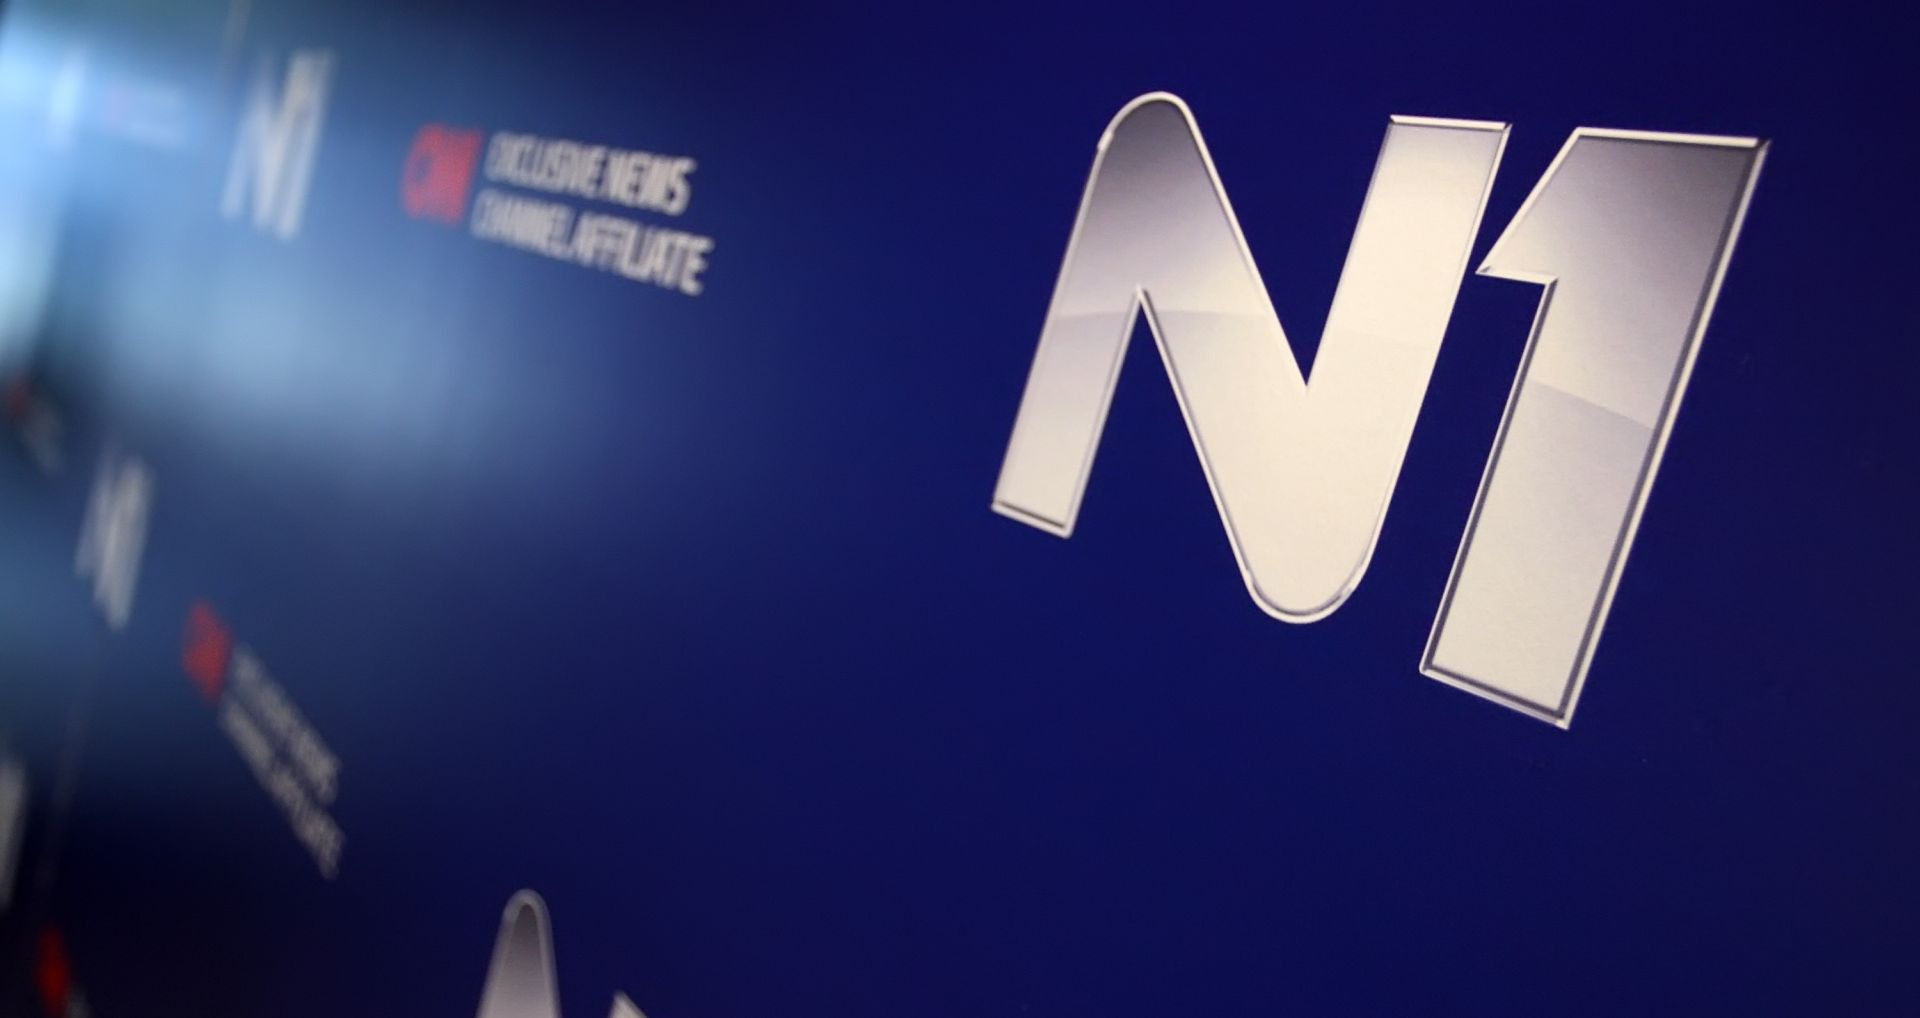 DRAŽEVINA Pripadnici četničkog pokreta fizički napali ekipu N1 televizije